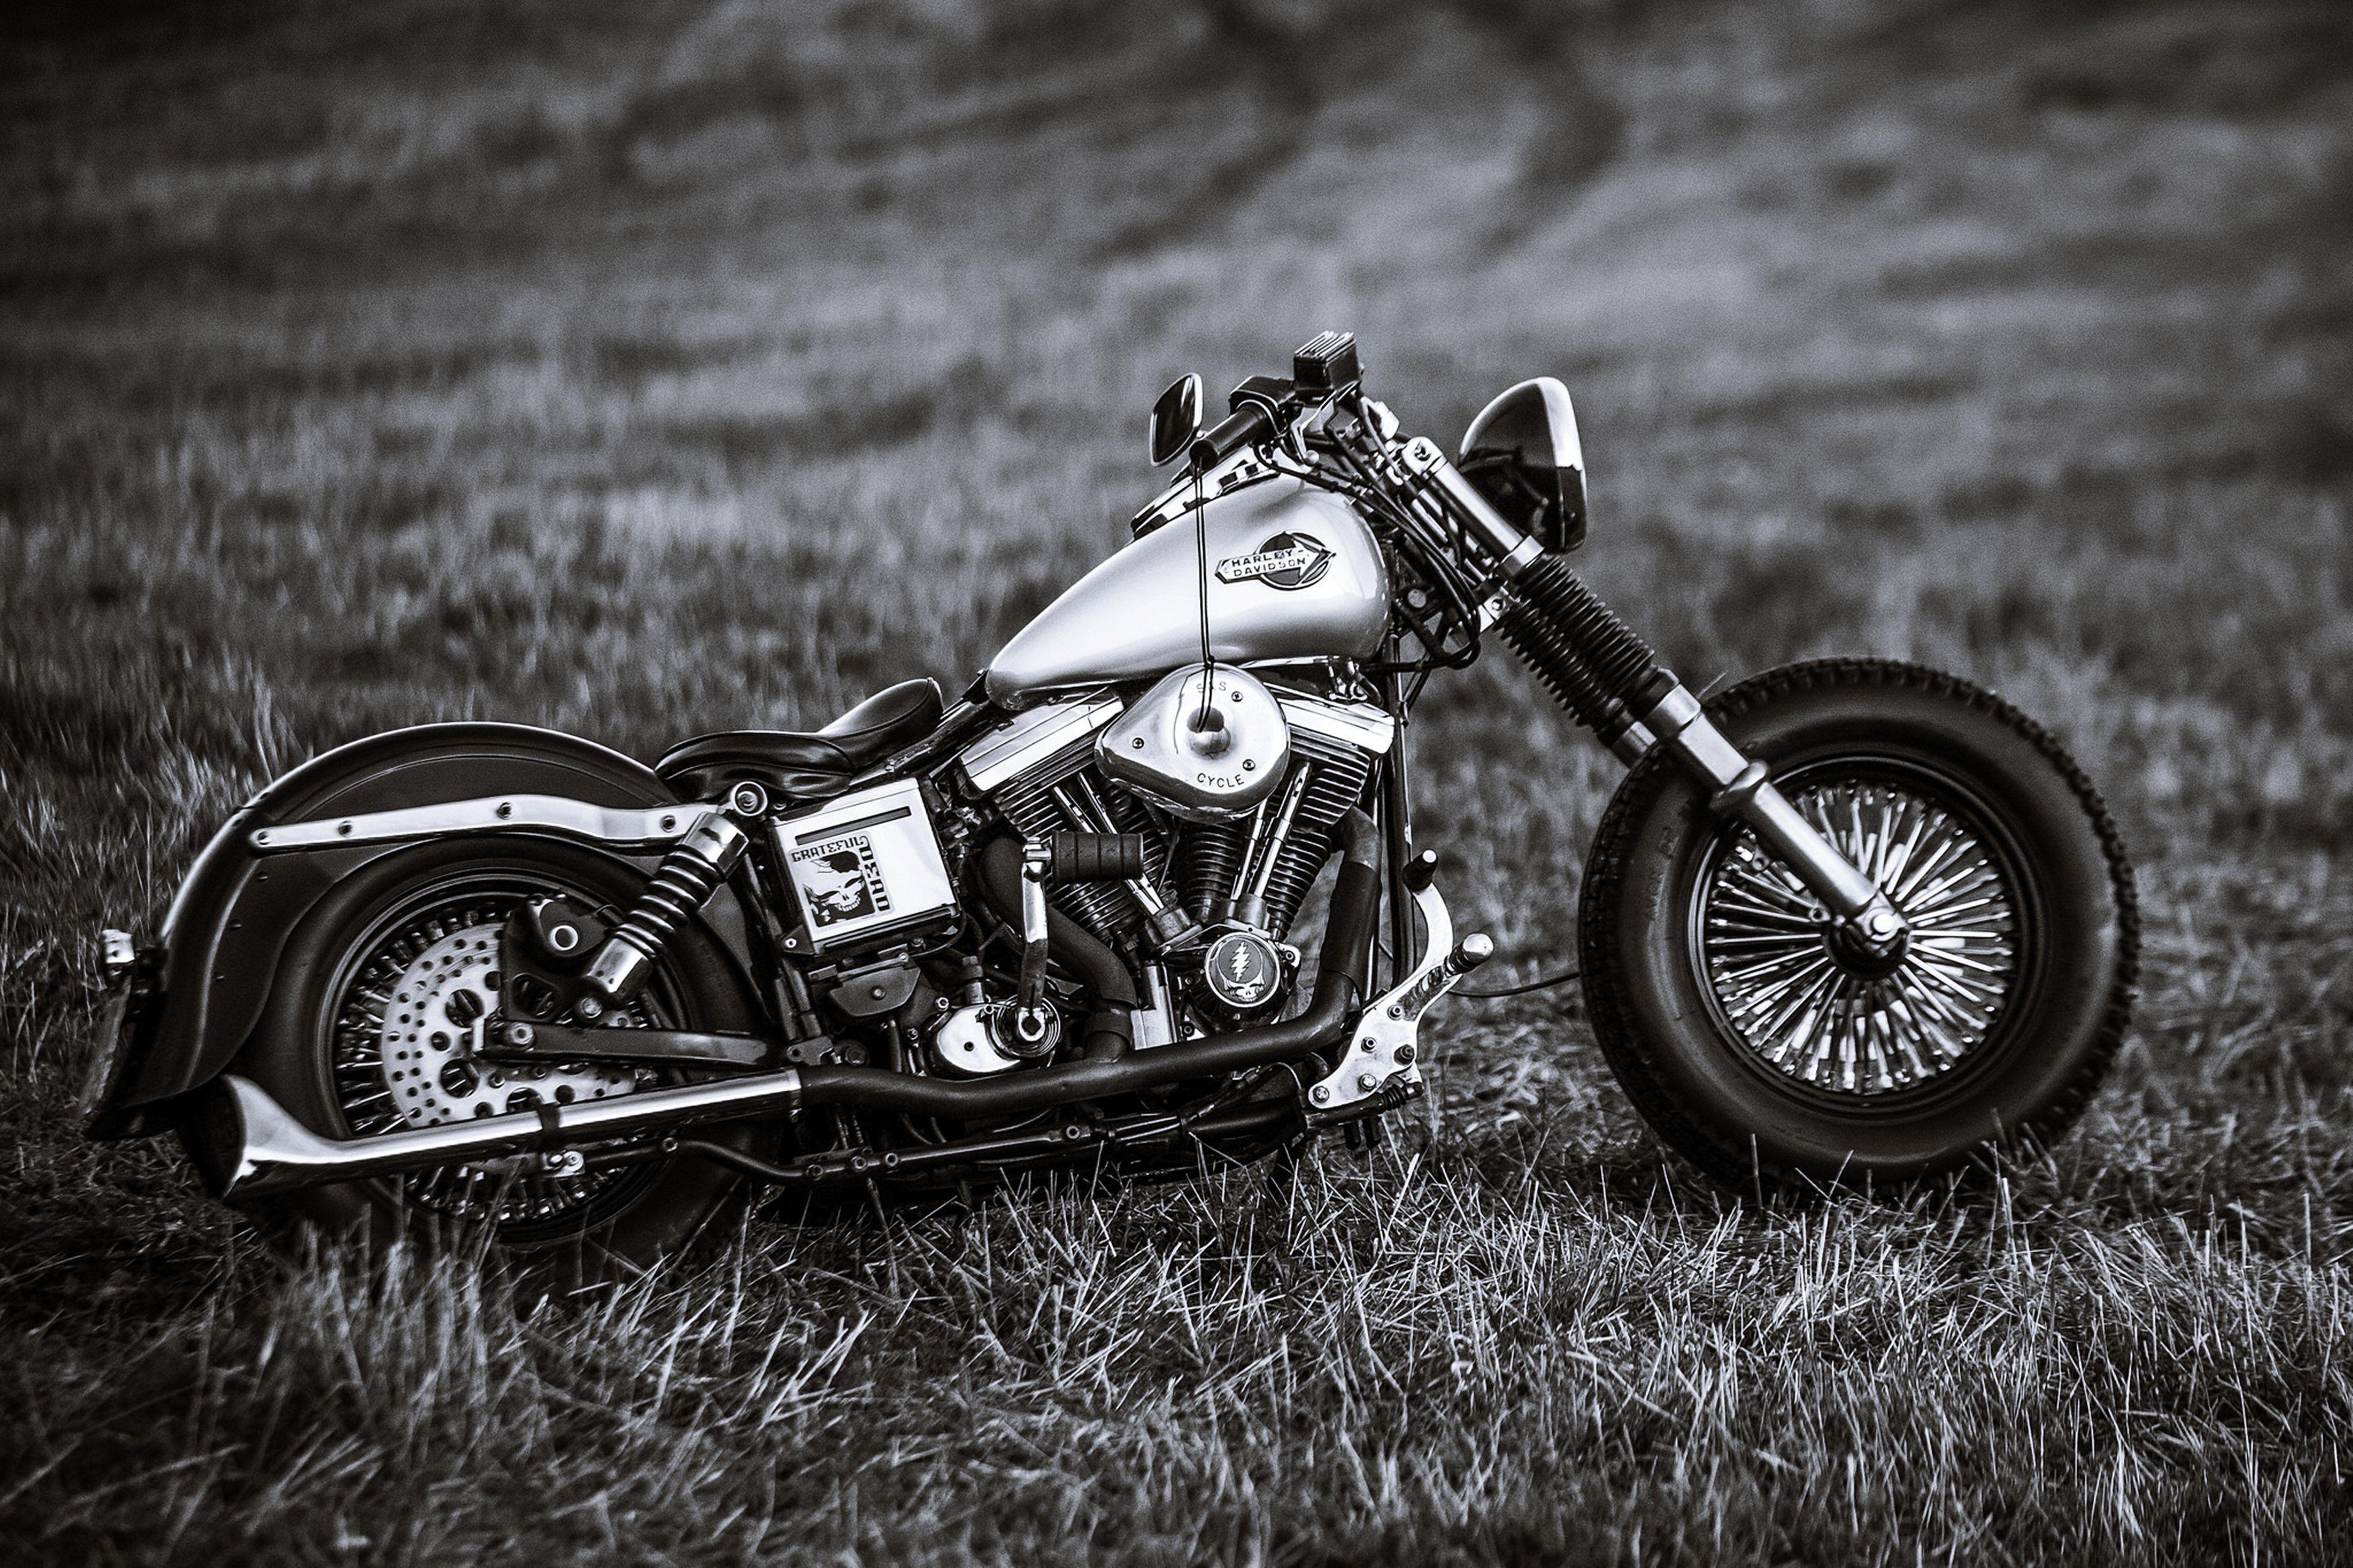 Vintage Harley Davidson Wallpapers Top Free Vintage Harley